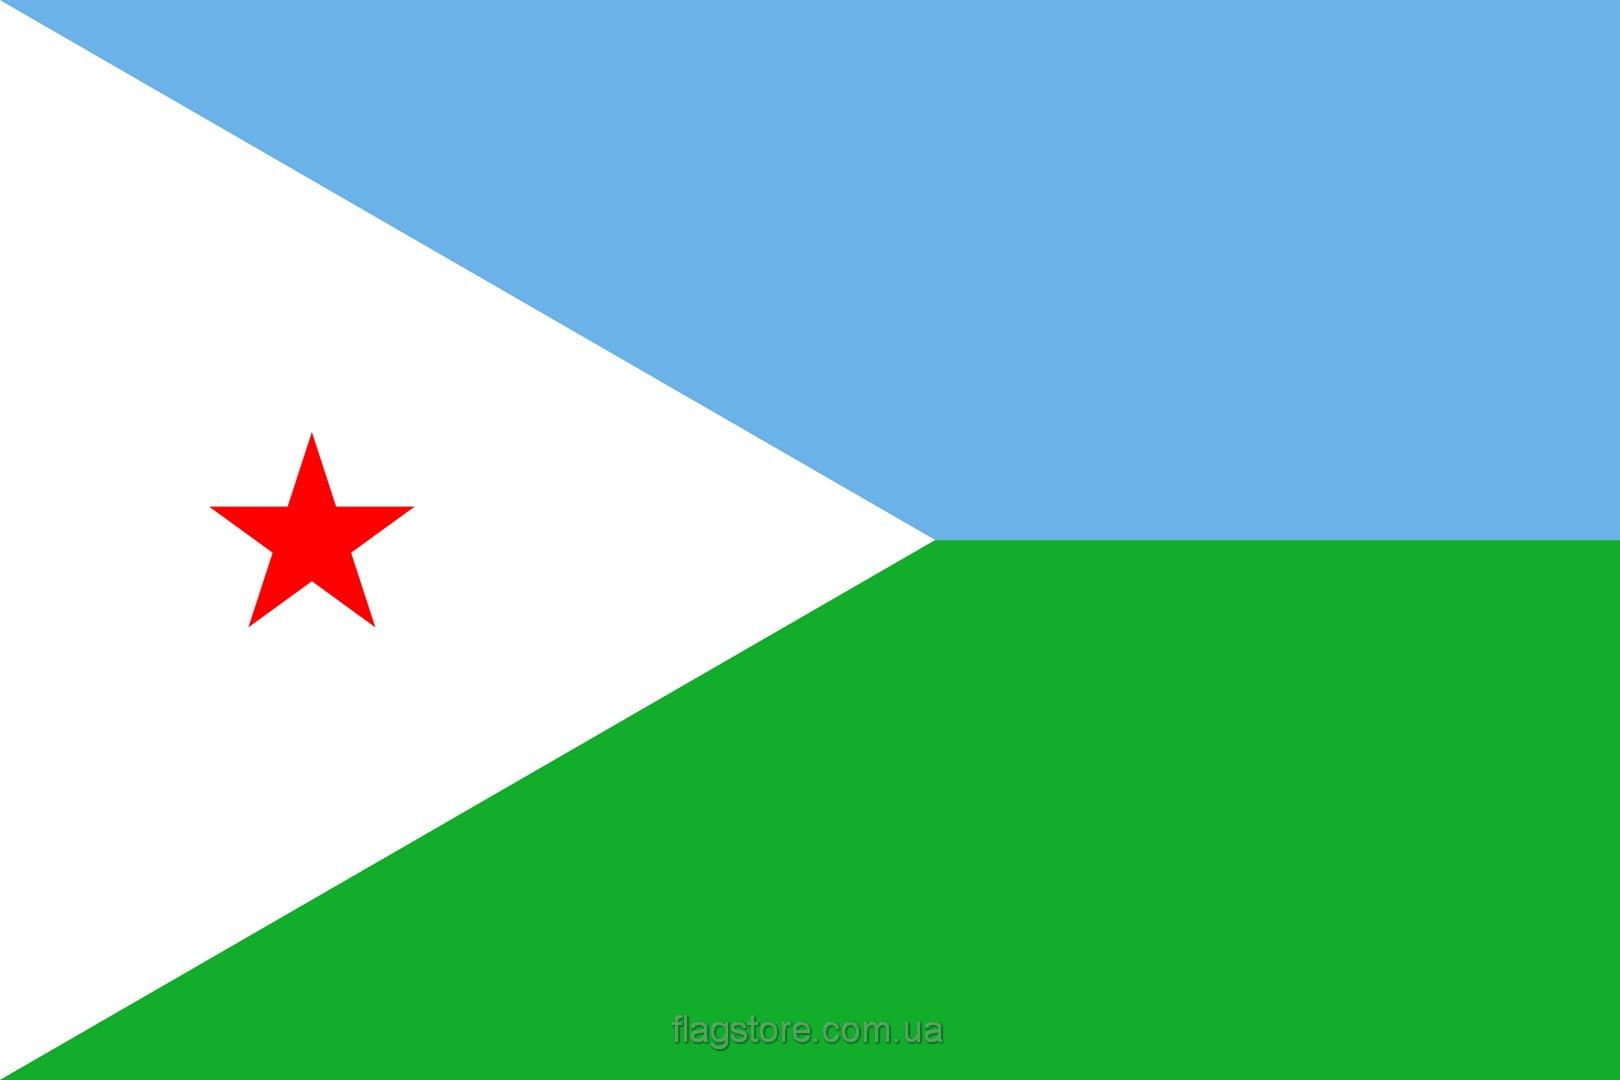 Купить флаг страны Джибути